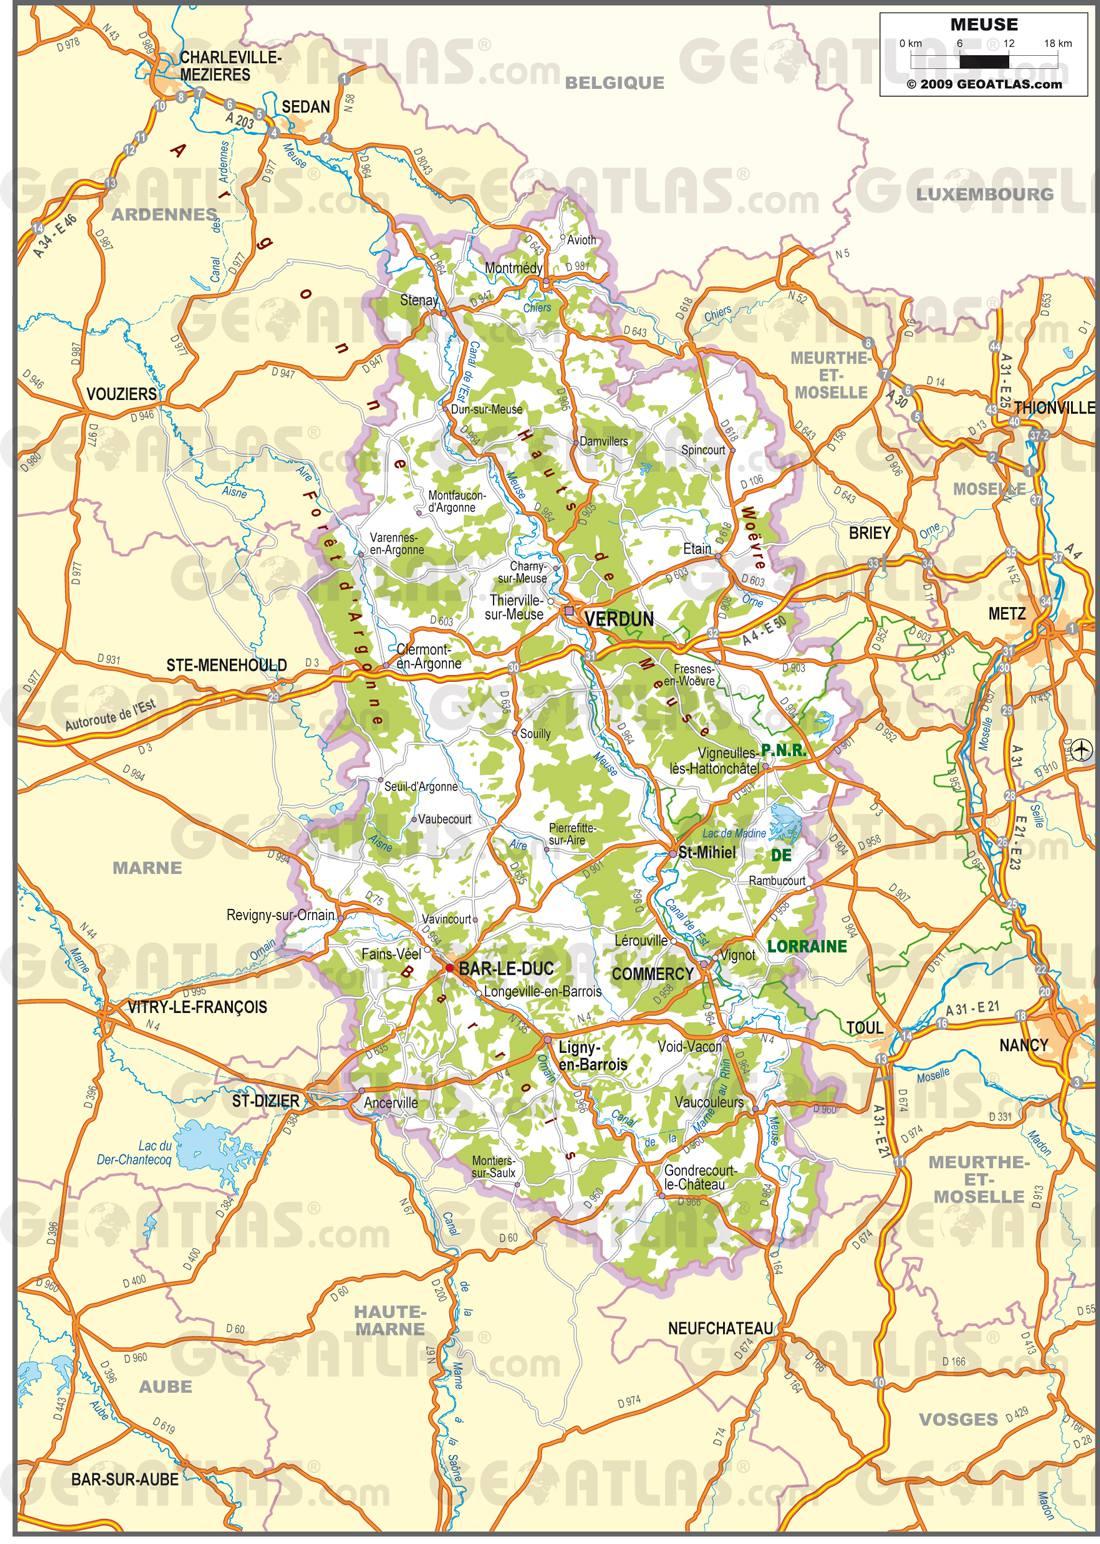 Carte routière de la Meuse